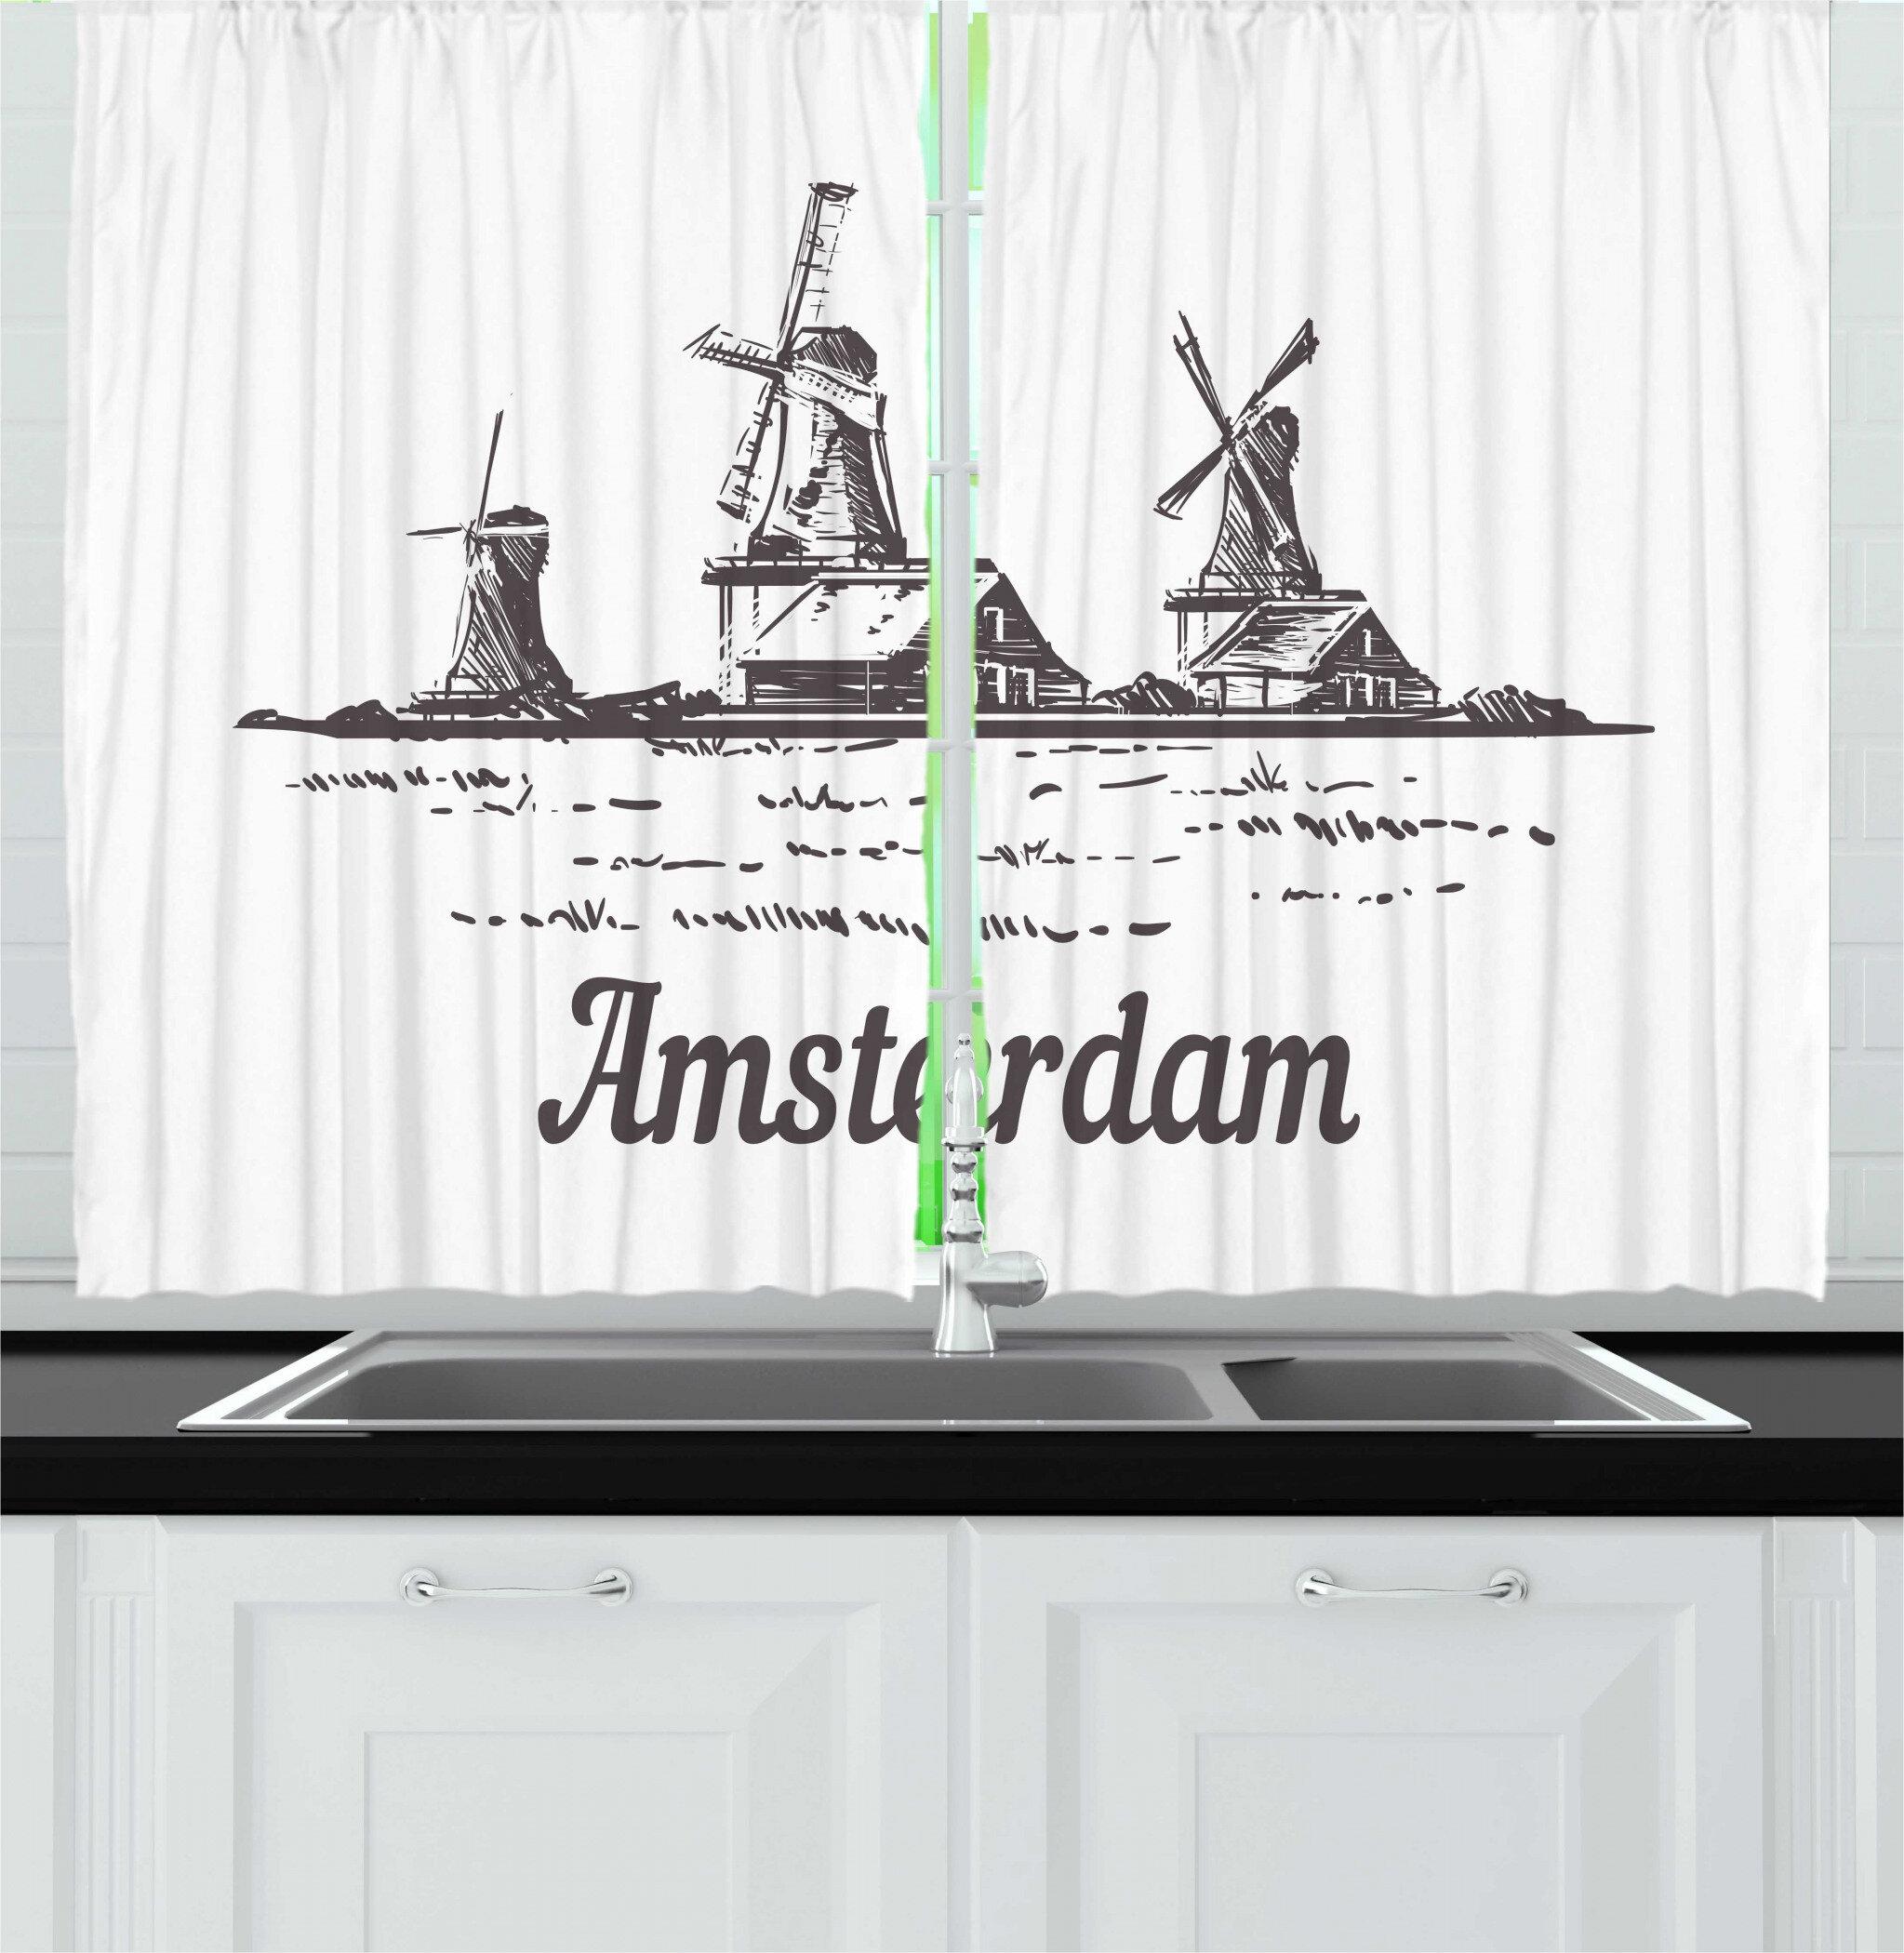 East Urban Home 2 Piece Amsterdam Sketch Of Zaanse Schans Dutch Landscape Windmills Village With Houses Kitchen Curtain Set Wayfair